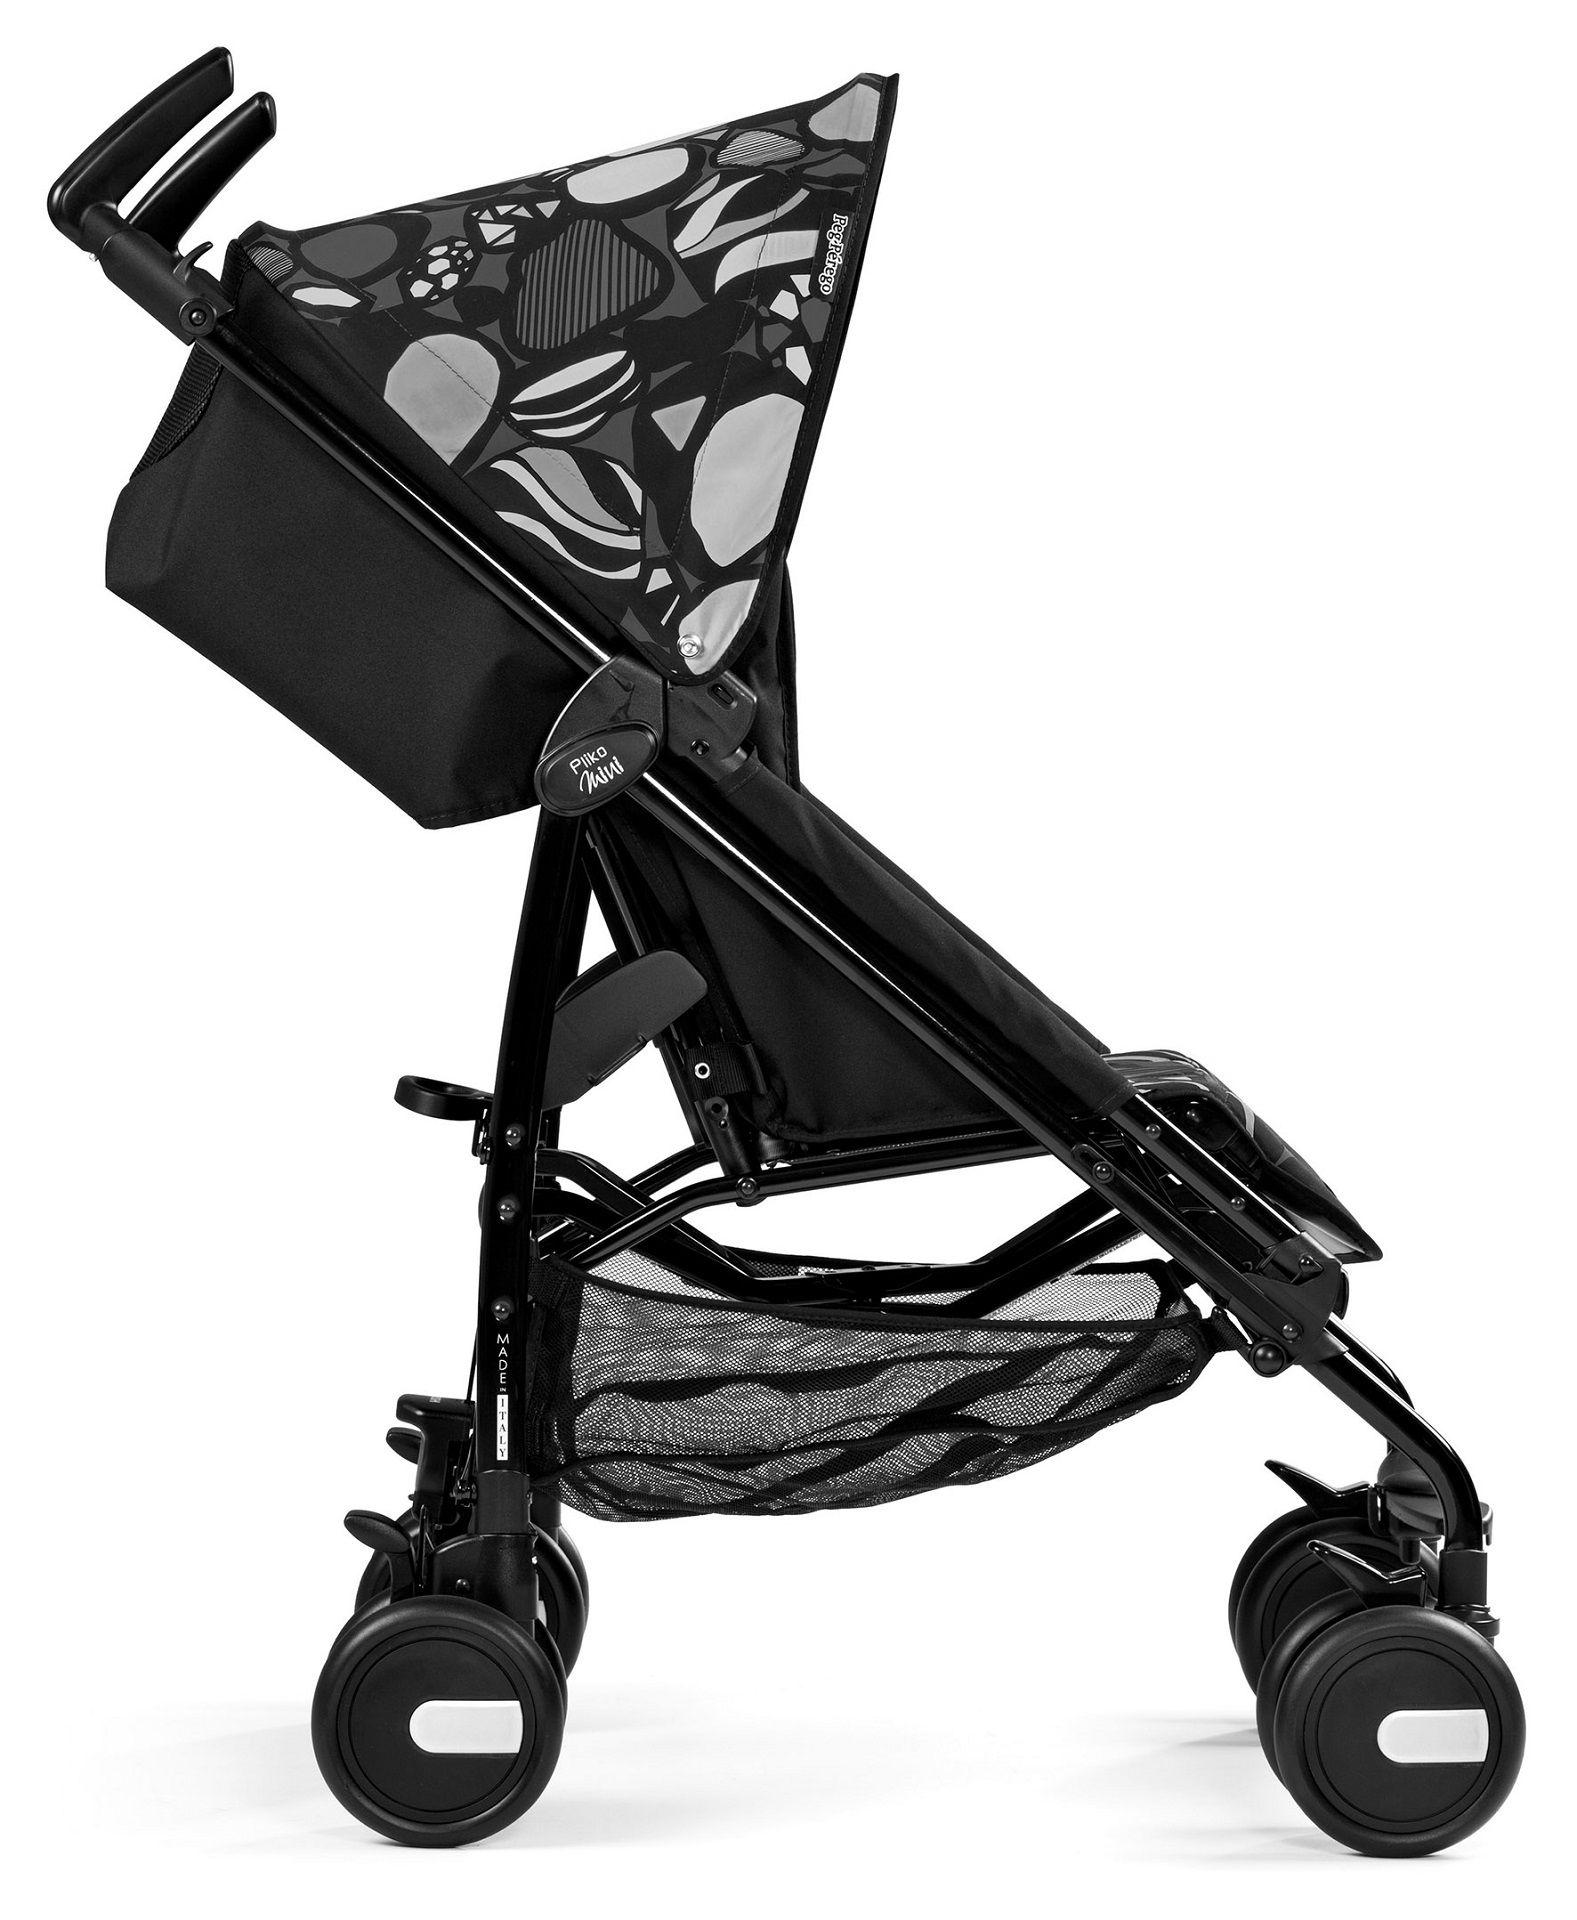 недорогая детская коляска